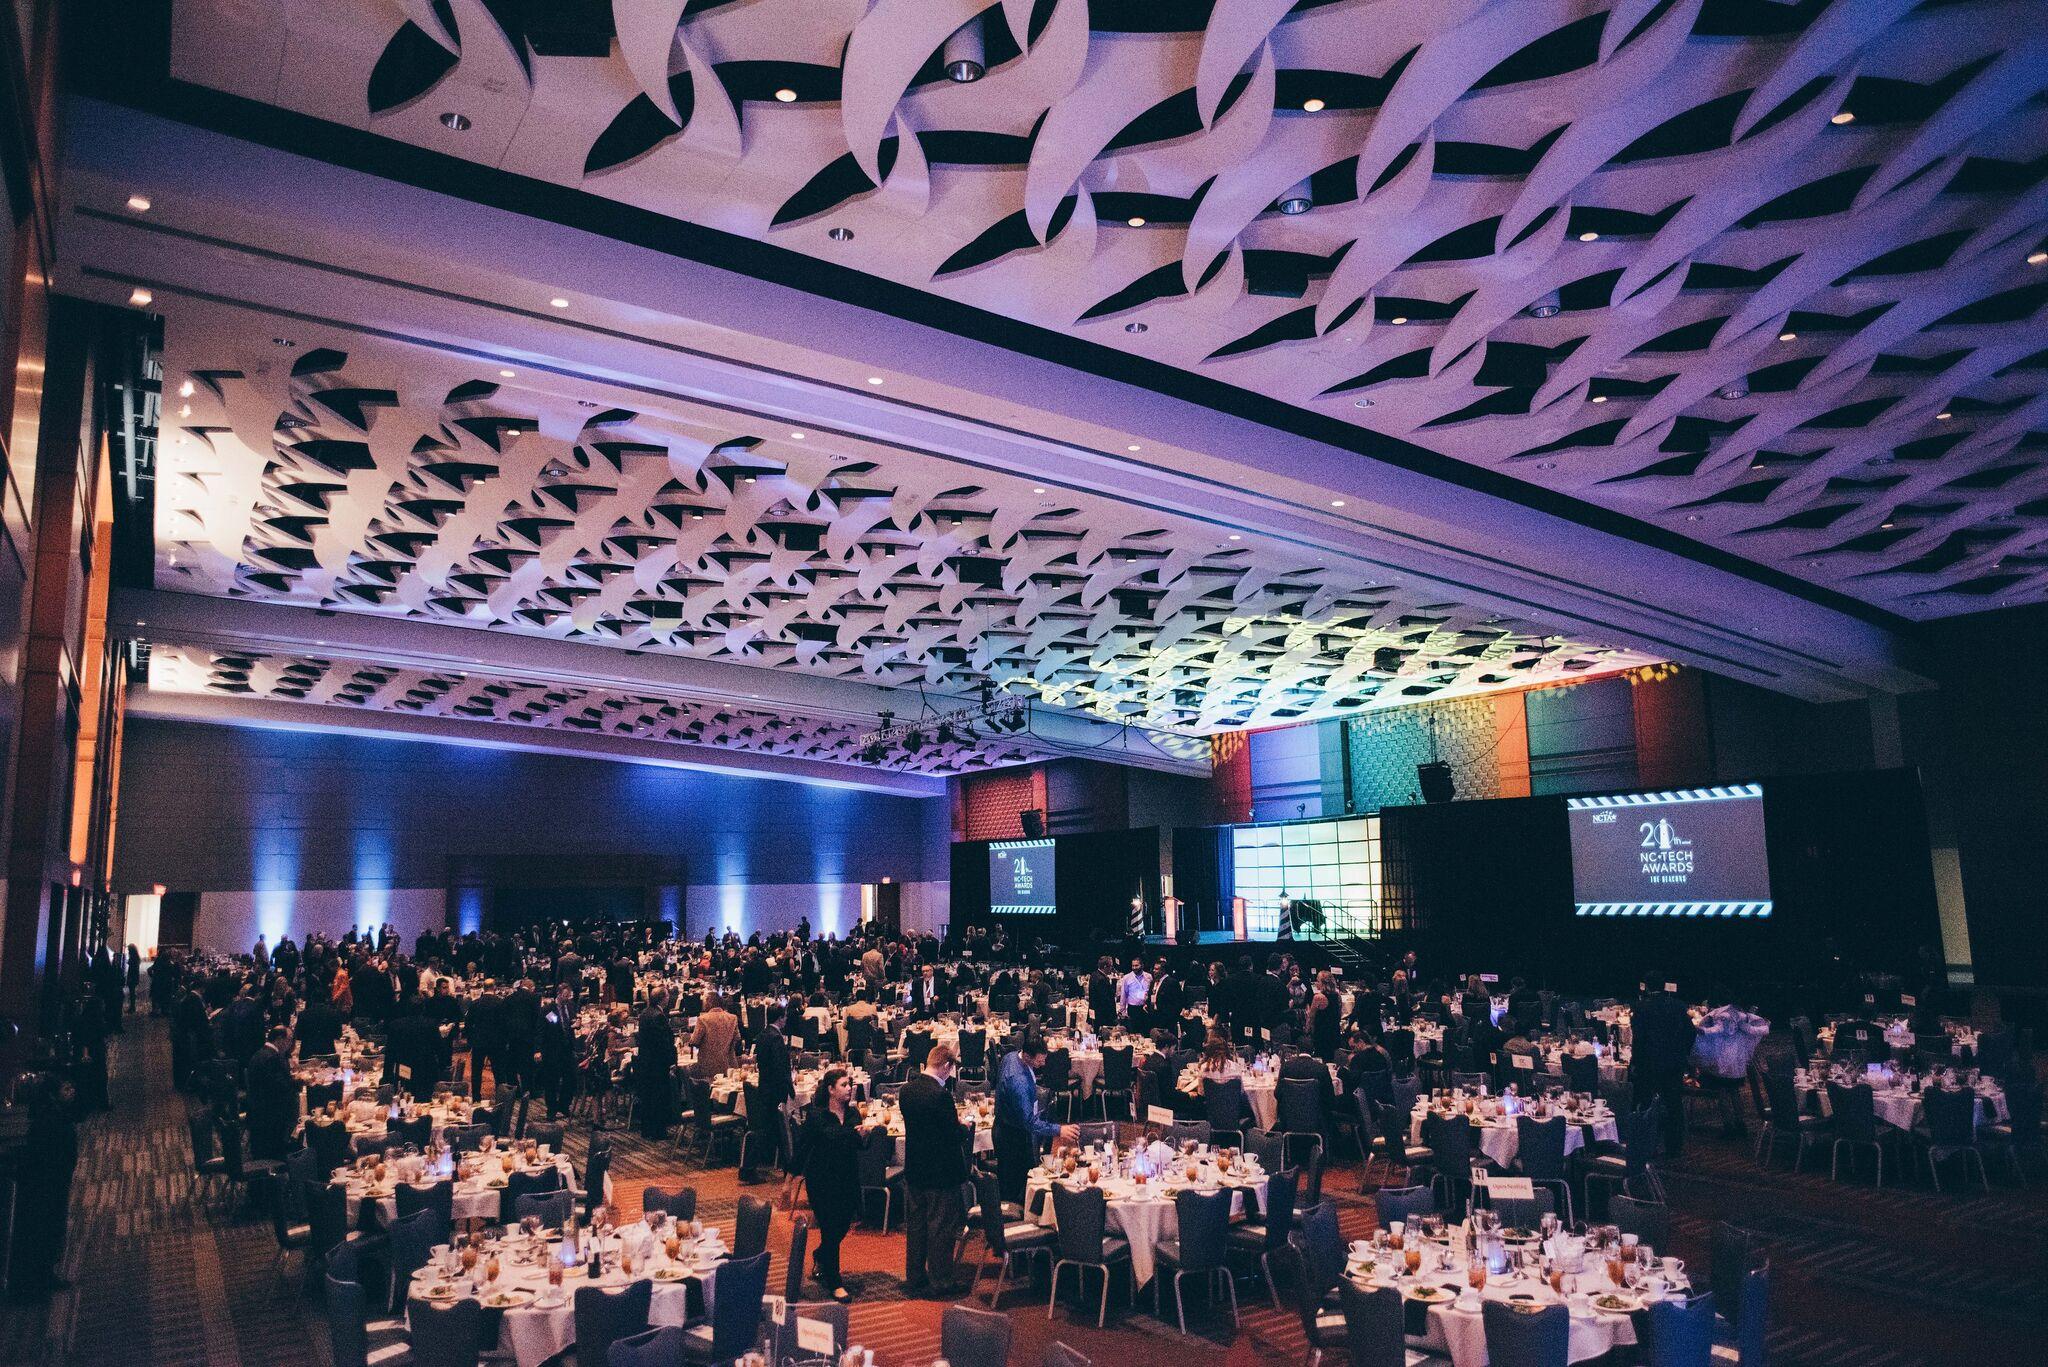 Tech awards ballroom